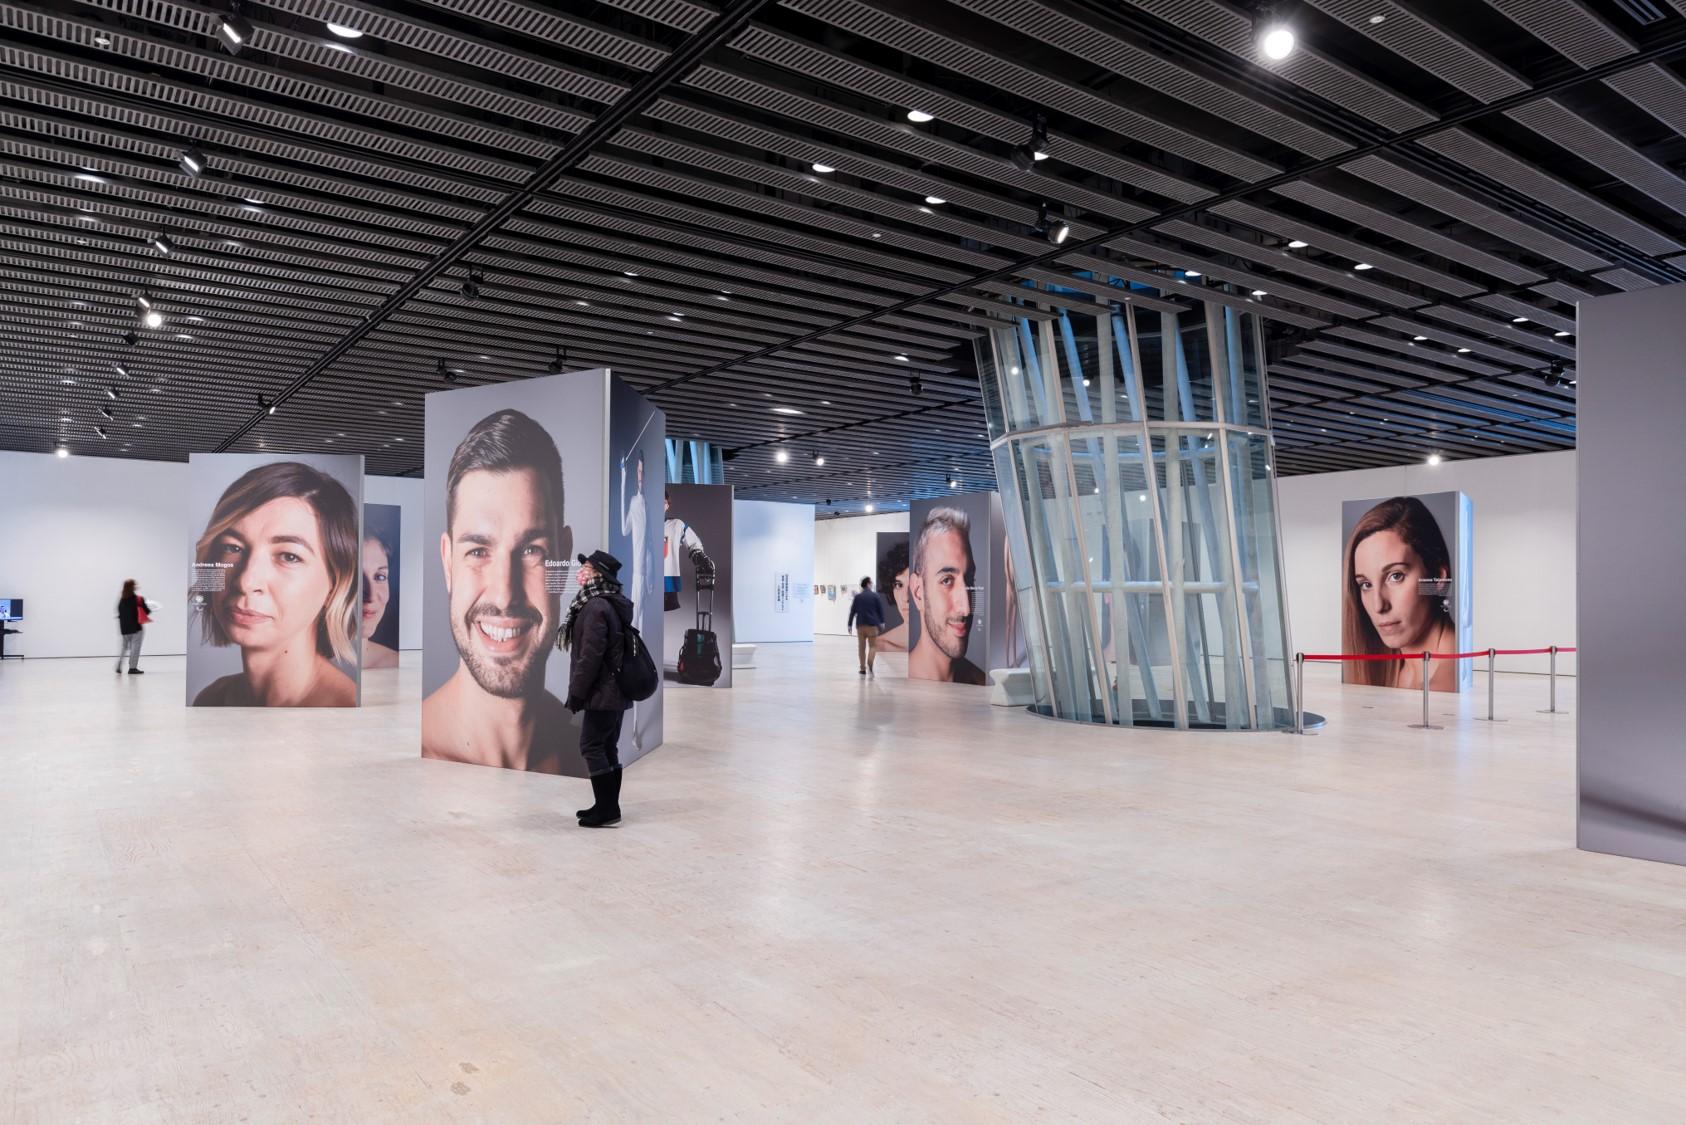 ユニホーム姿と表情と裸体を同時展示 パラスポーツ選手写真展、仙台市と矢掛町で